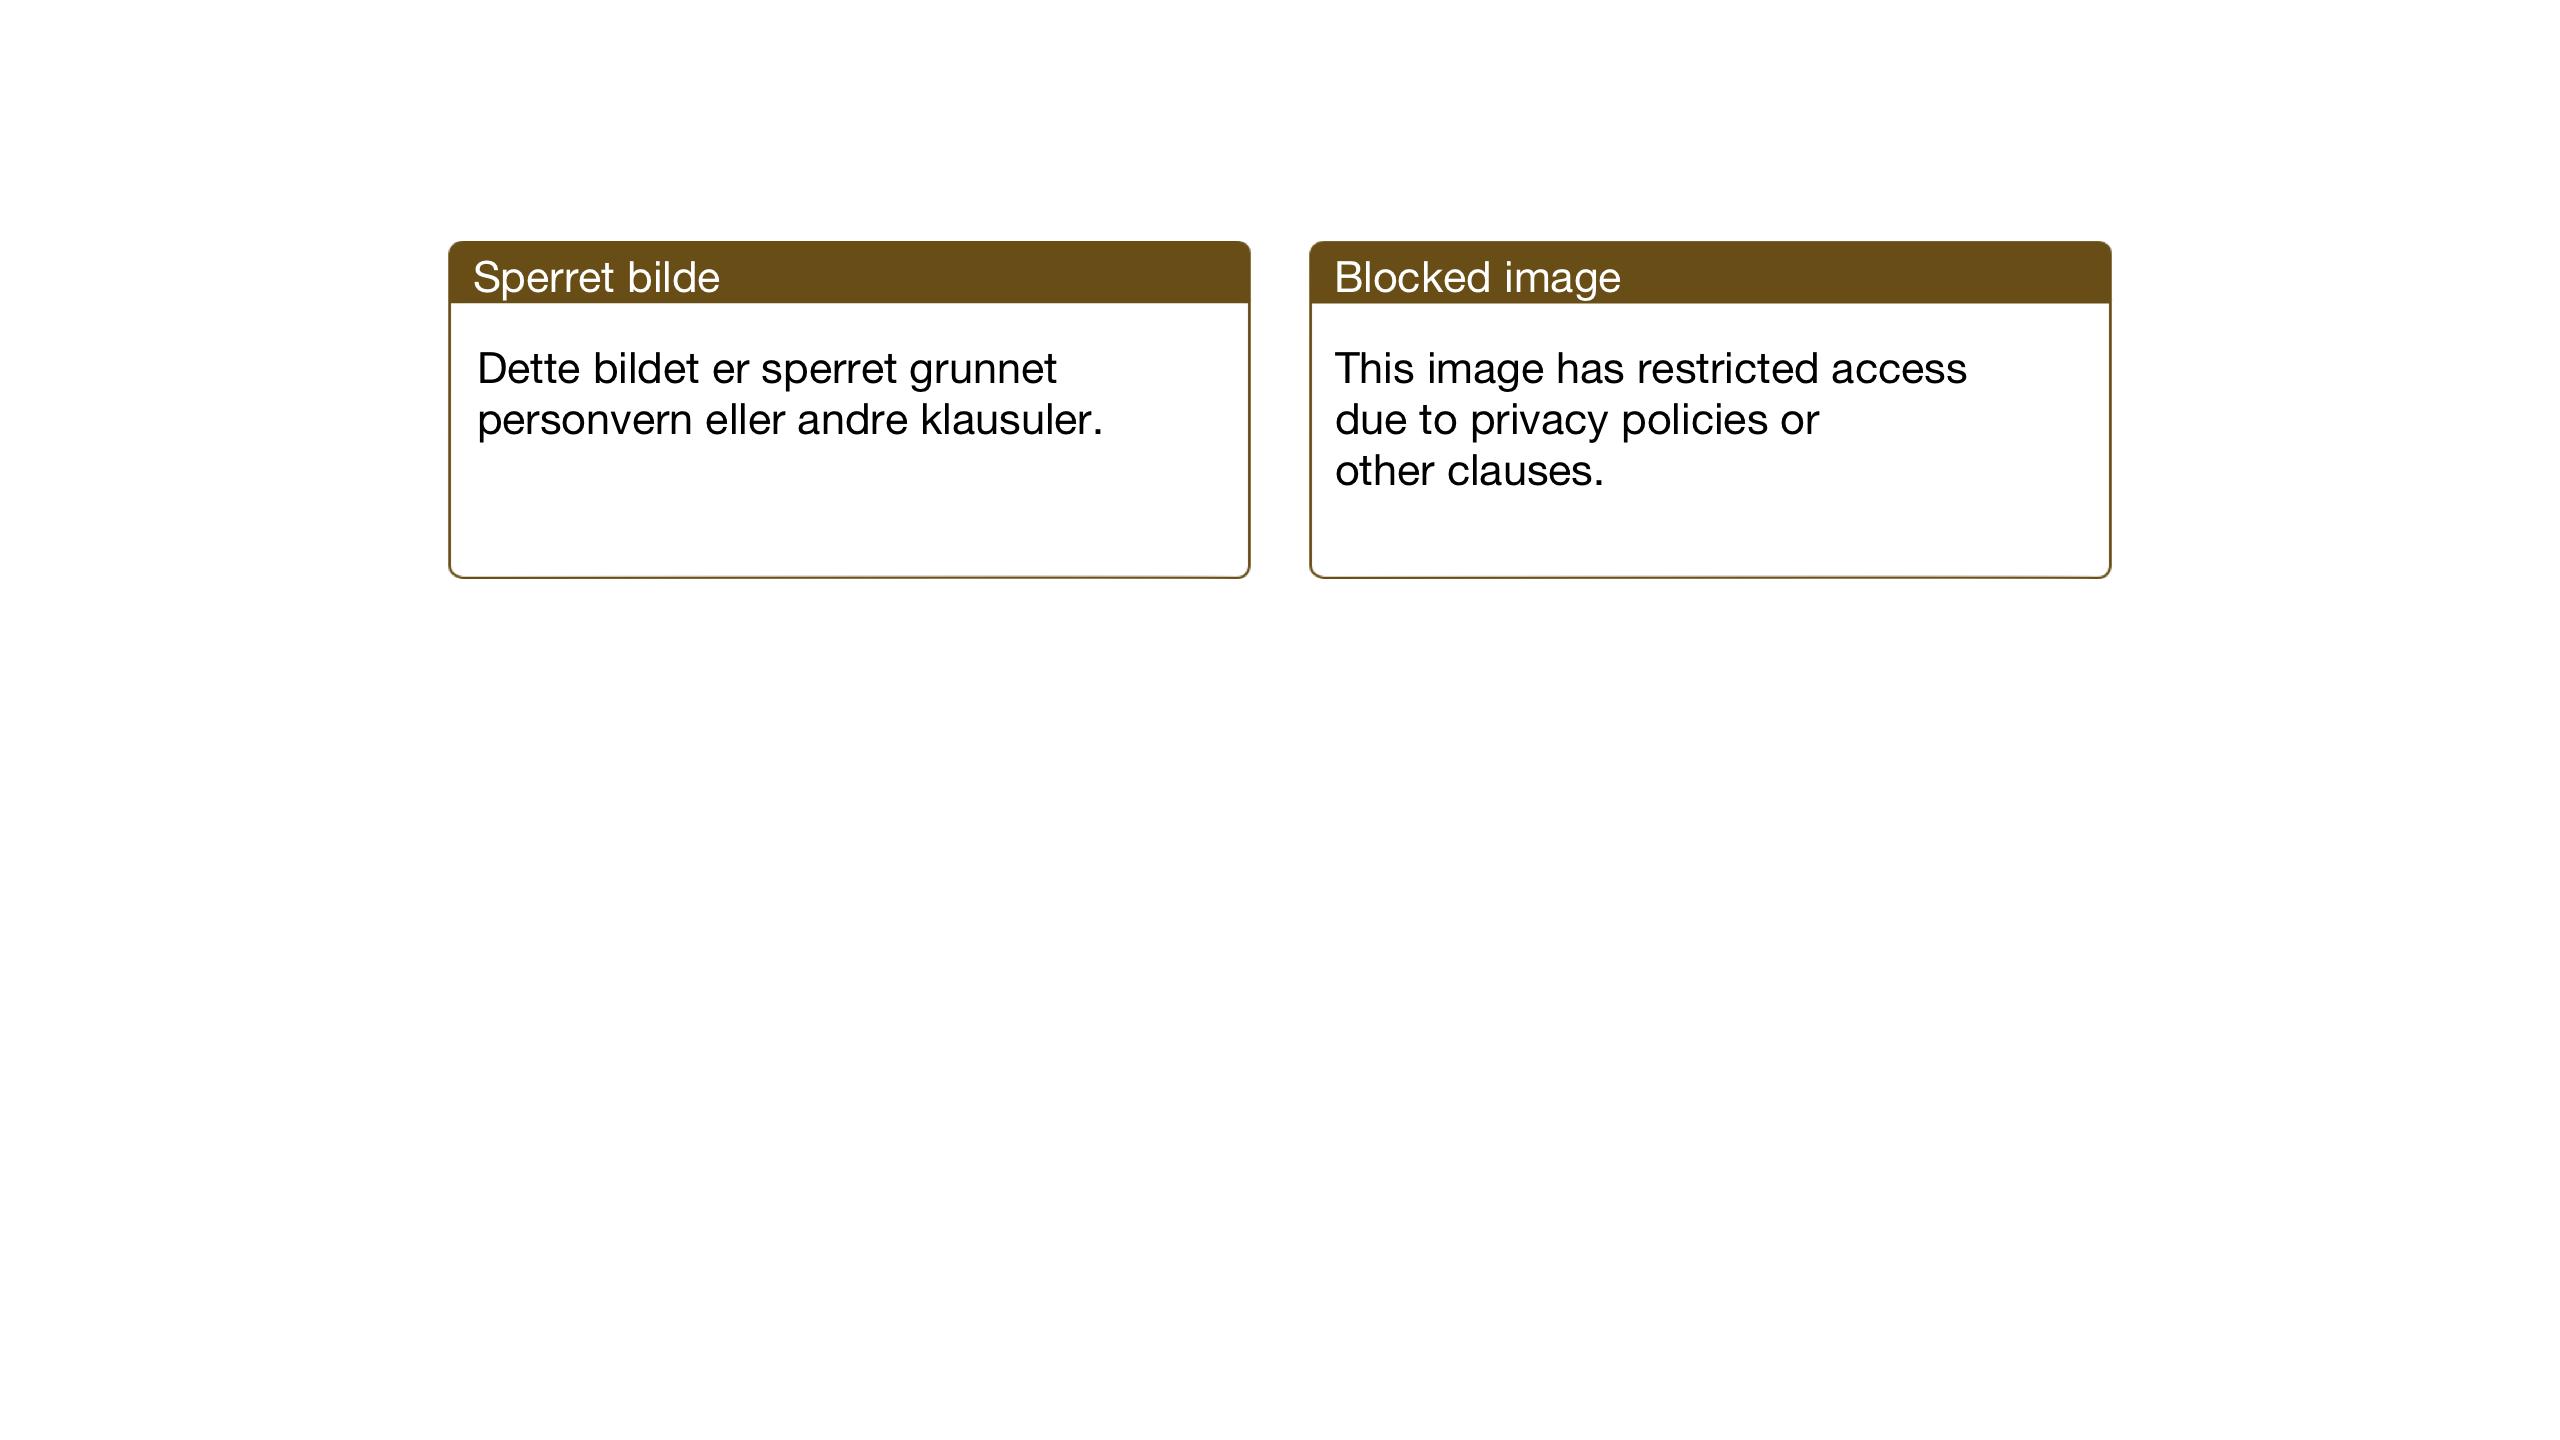 SAT, Ministerialprotokoller, klokkerbøker og fødselsregistre - Sør-Trøndelag, 686/L0986: Klokkerbok nr. 686C02, 1933-1950, s. 199